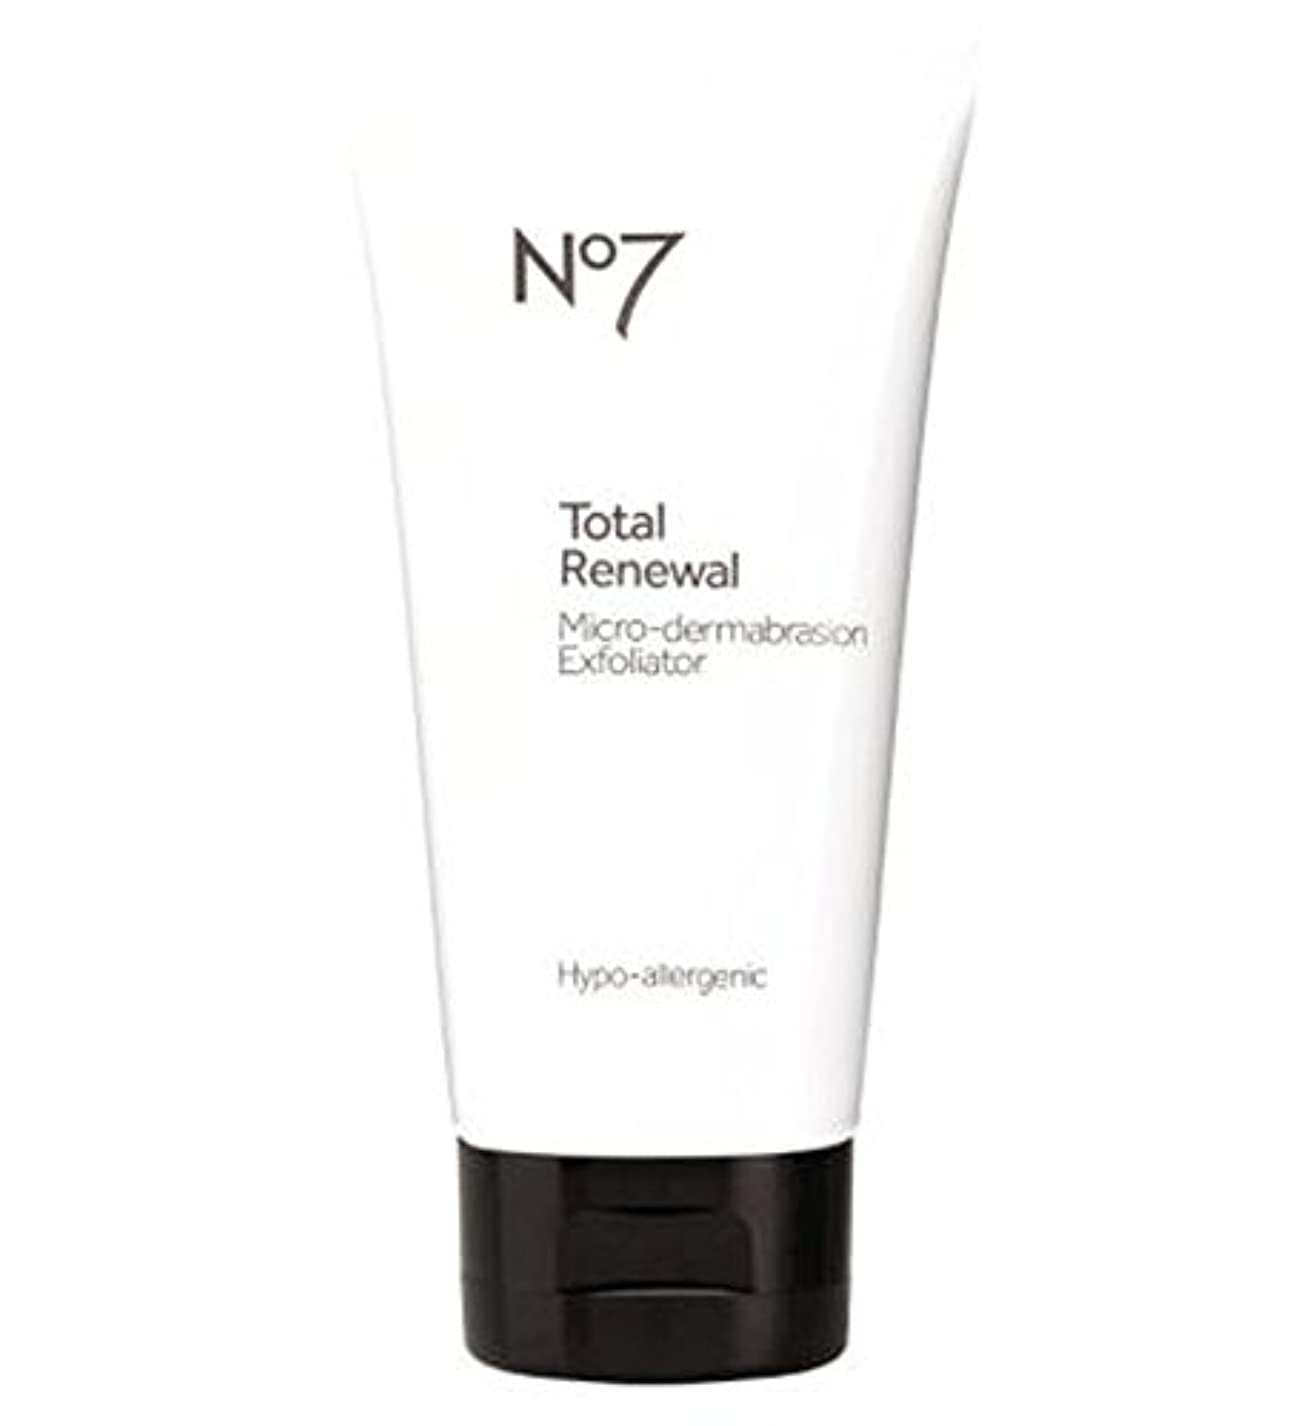 取り戻すタッチ引退するNo7 Total Renewal Micro-dermabrasion Face Exfoliator - No7総リニューアルマイクロ皮膚剥離面エクスフォリエーター (No7) [並行輸入品]